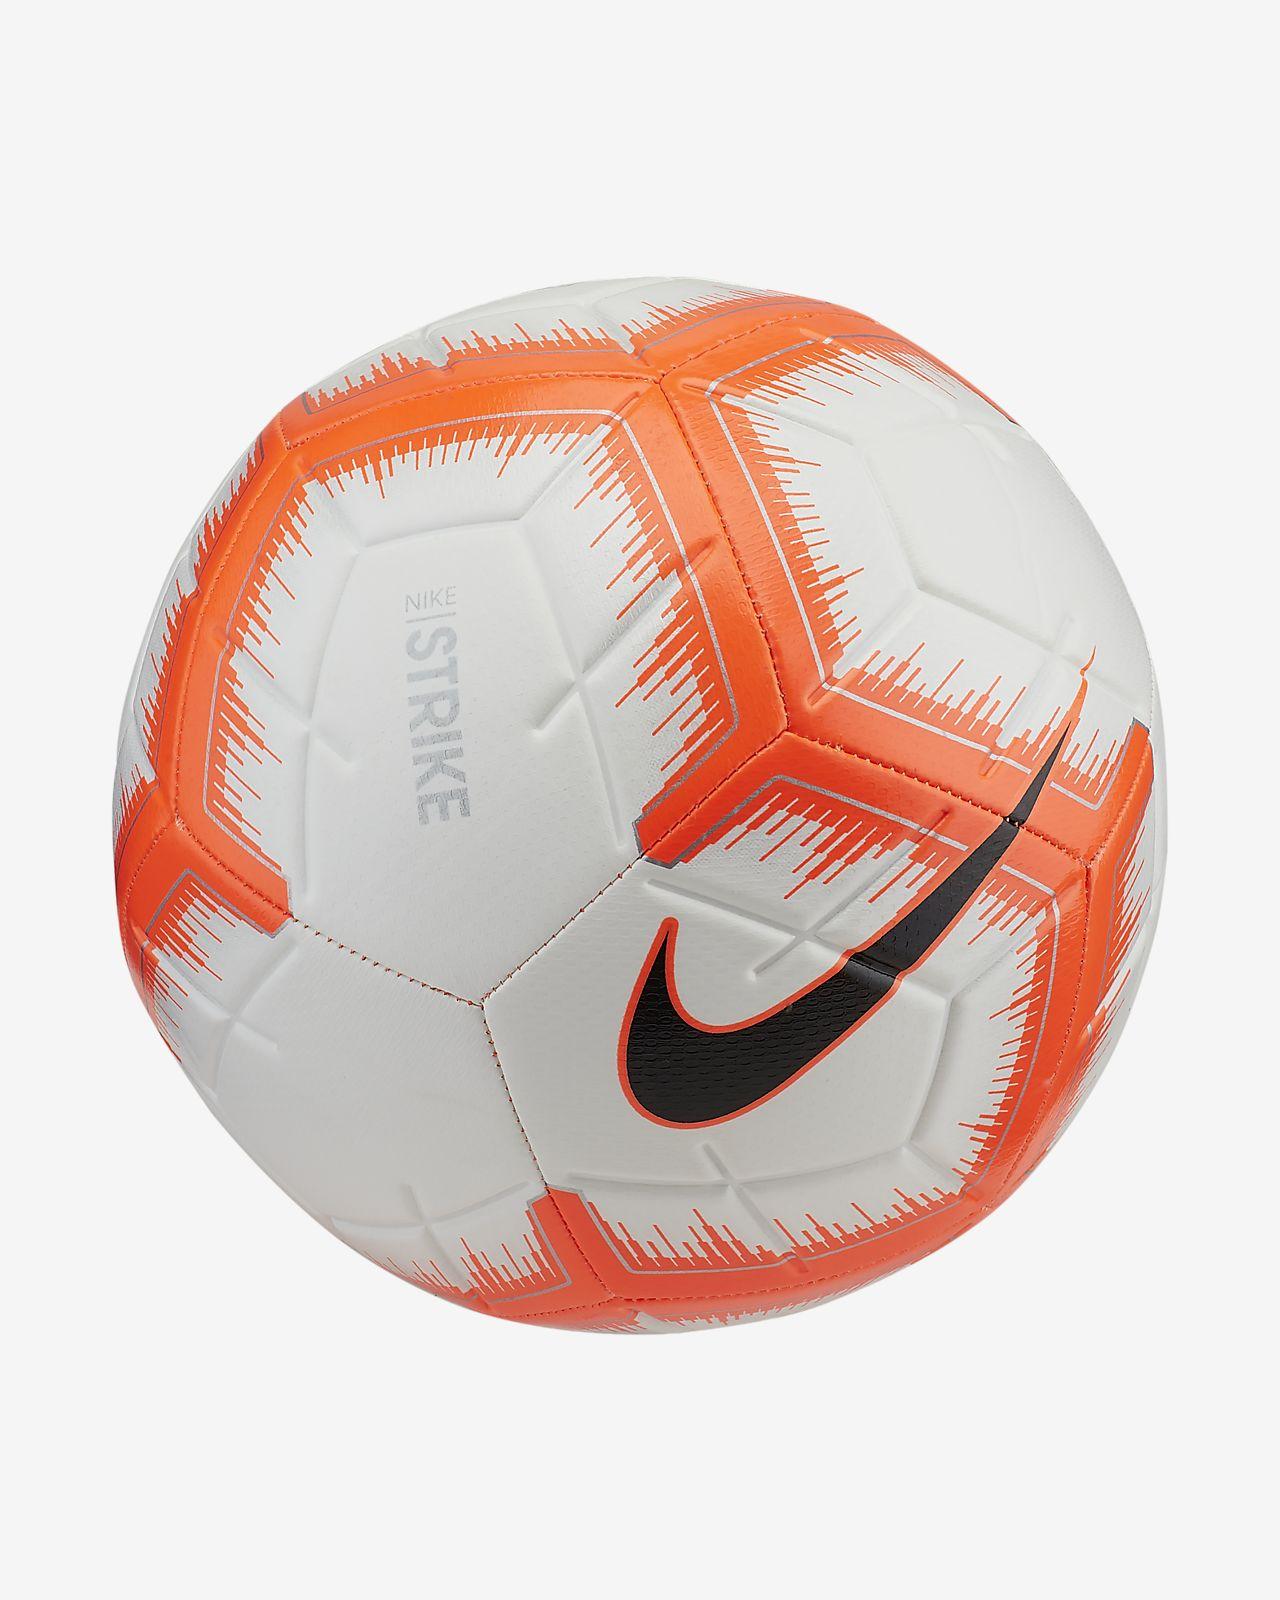 Μπάλα ποδοσφαίρου Nike Strike